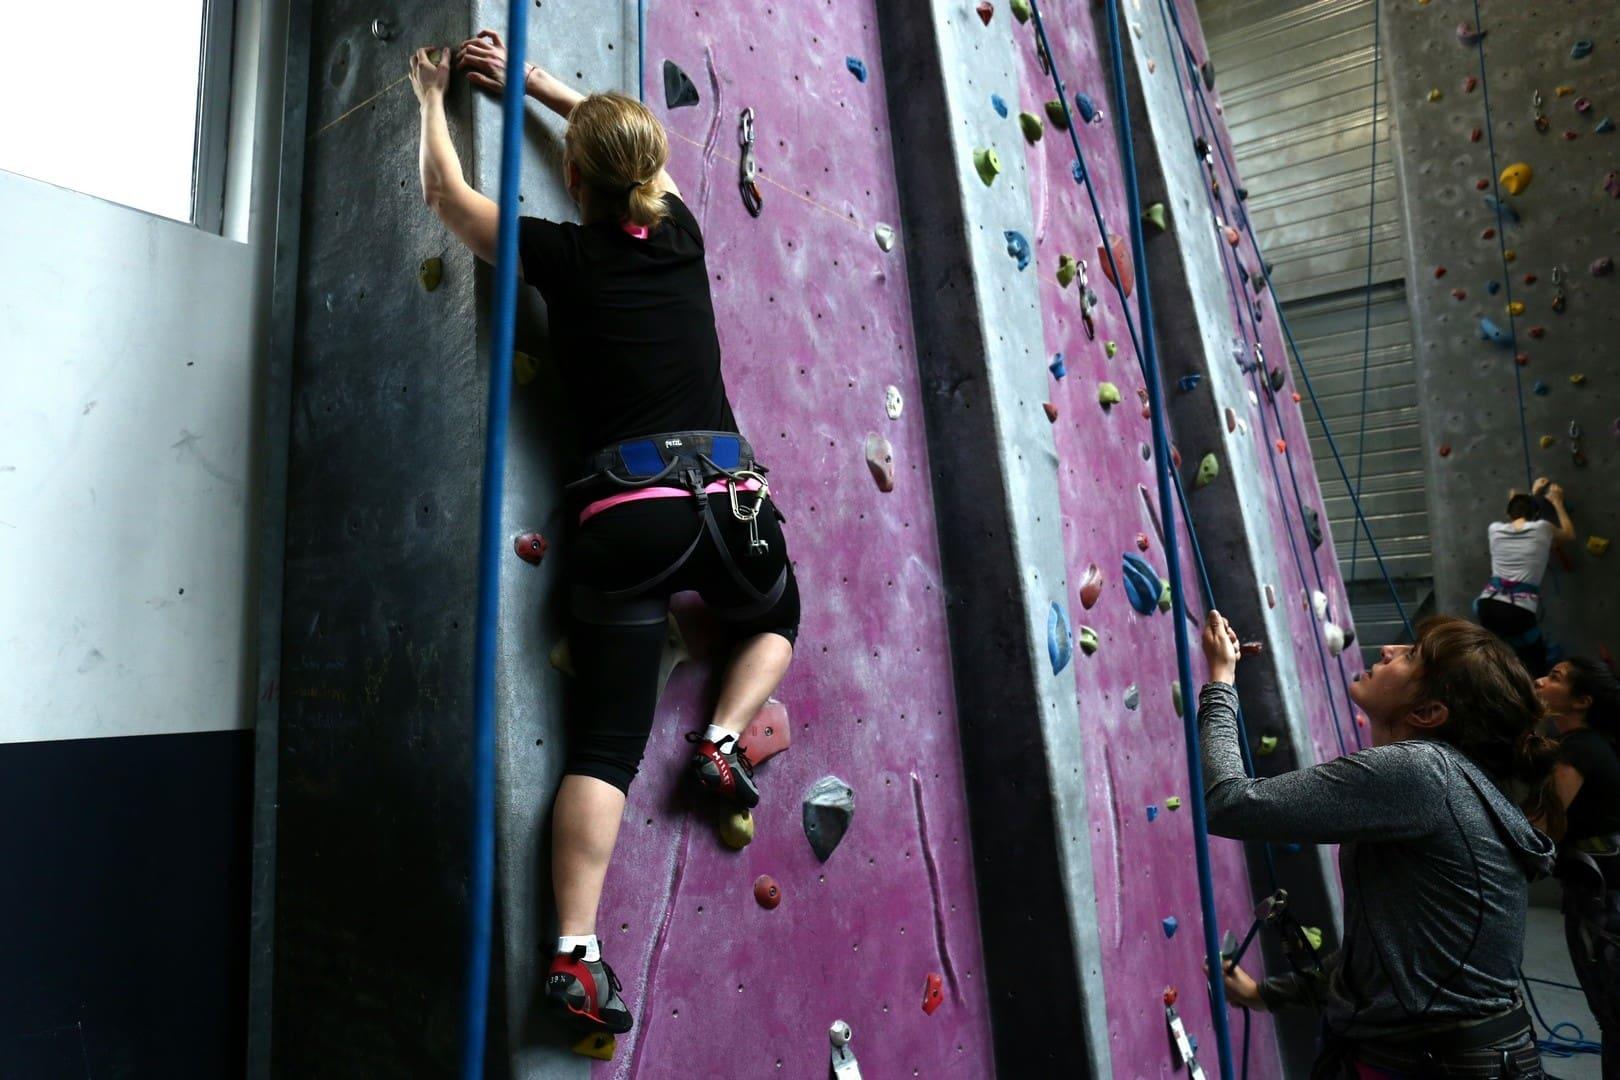 Chaque séance d'escalade est assurée par un moniteur diplômé et qualifié en escalade quelque soit votre niveau pour démarrer l'activité dans les meilleures conditions possibles.